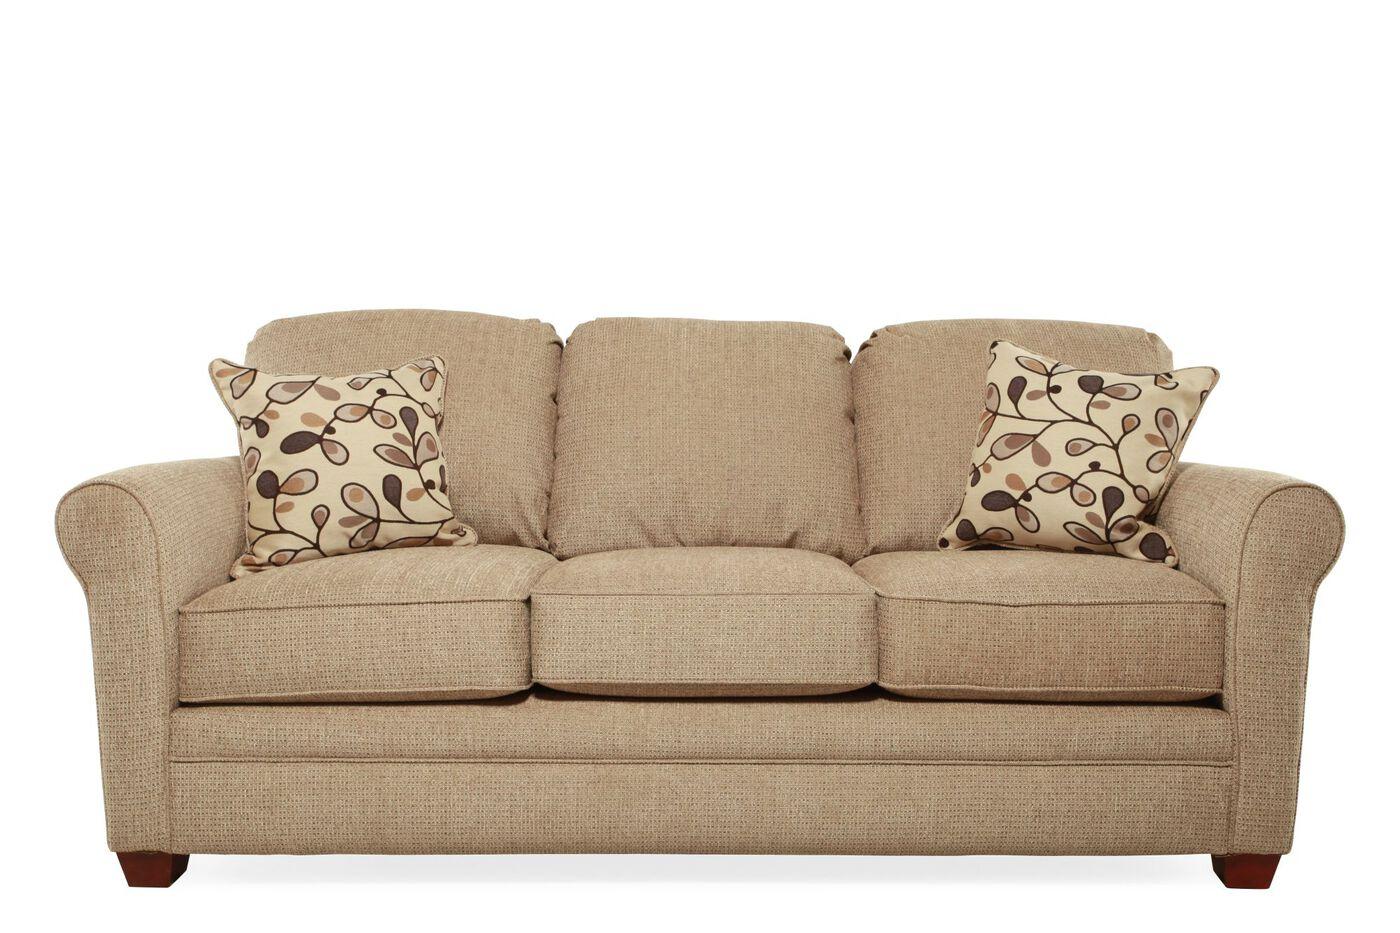 lane sofa bed megan double reclining sofa lane furniture With lane sofa bed